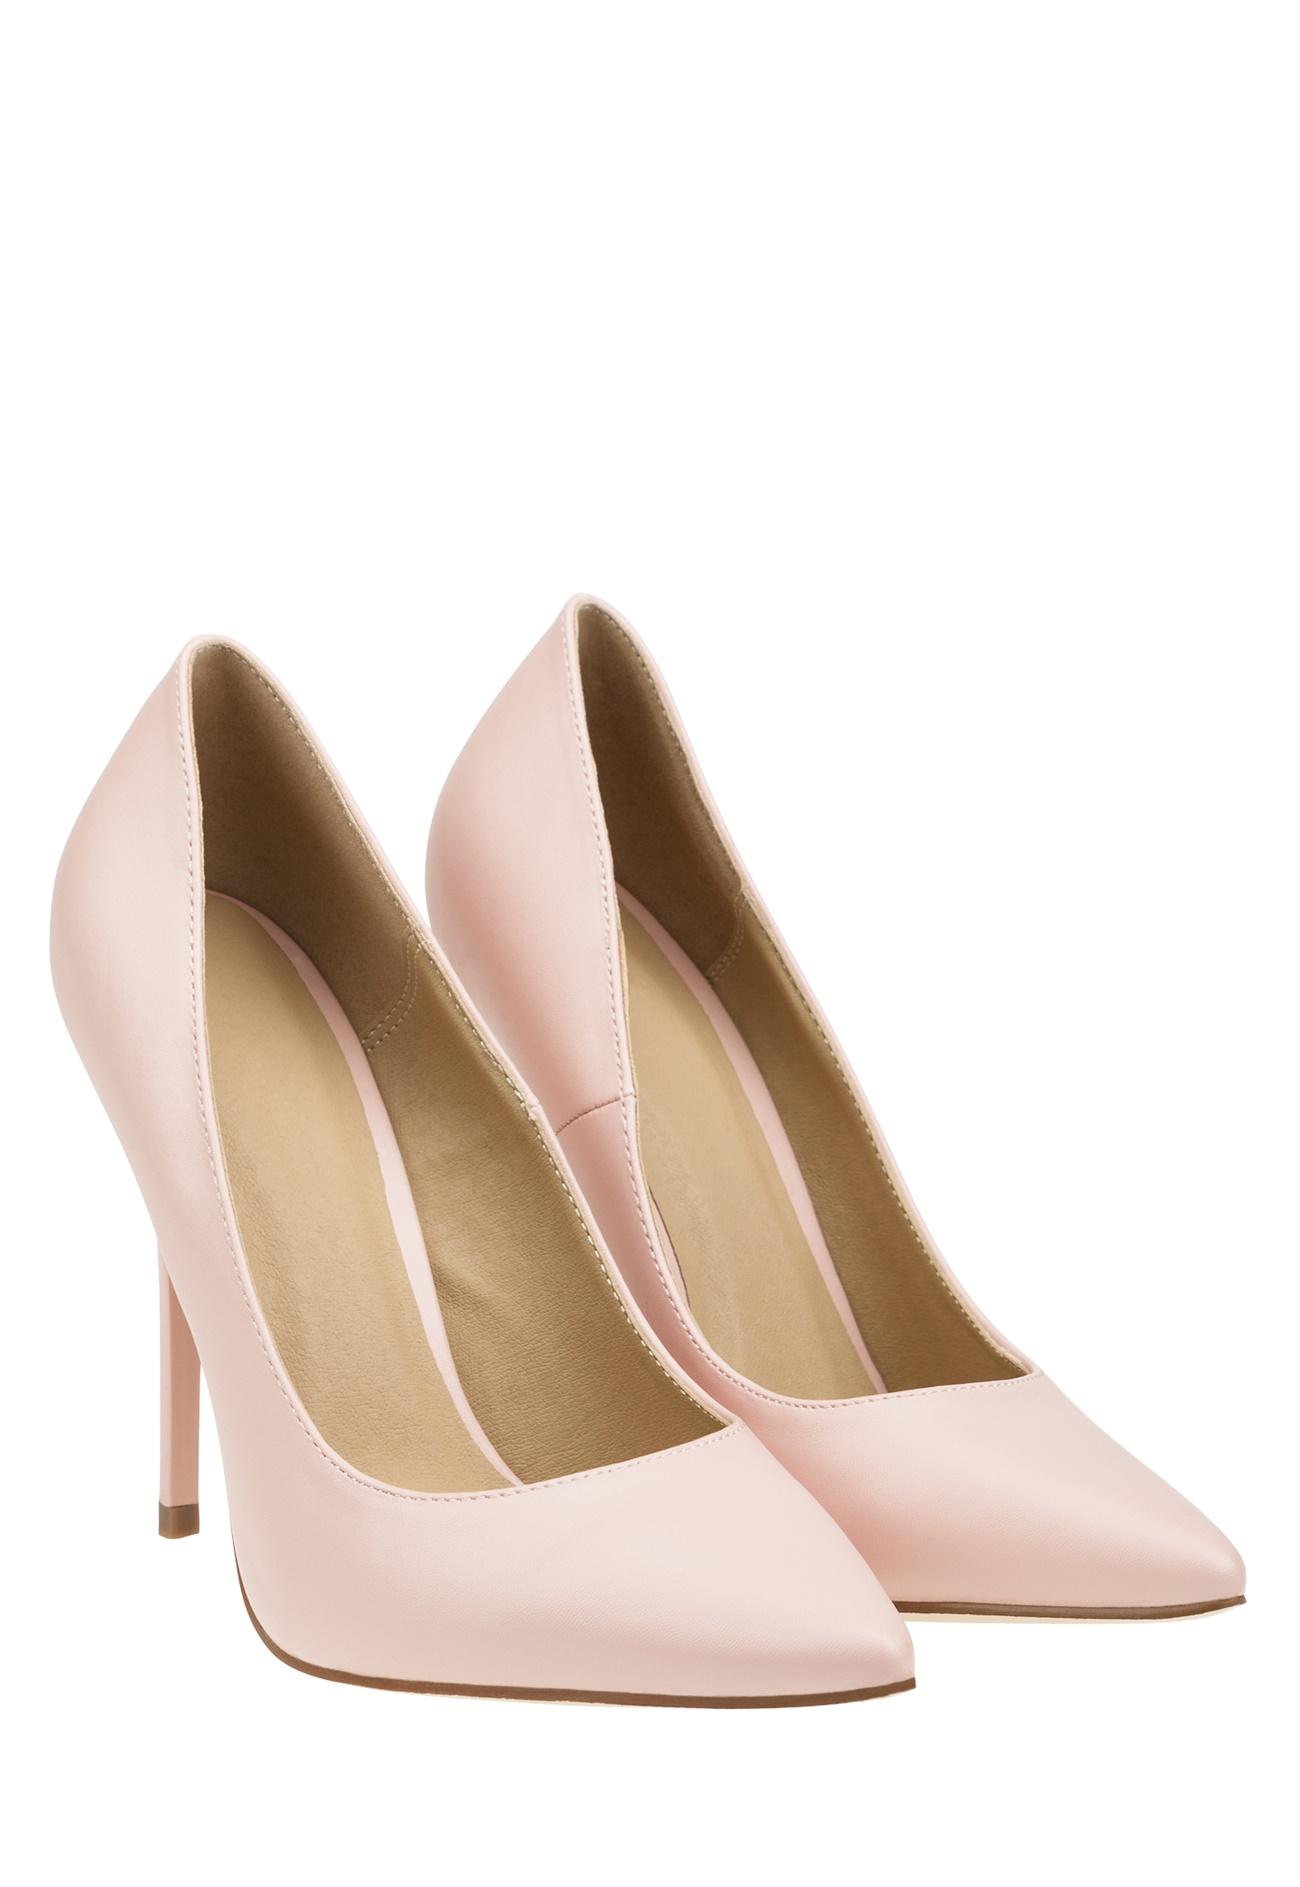 Dusty Pink Heels